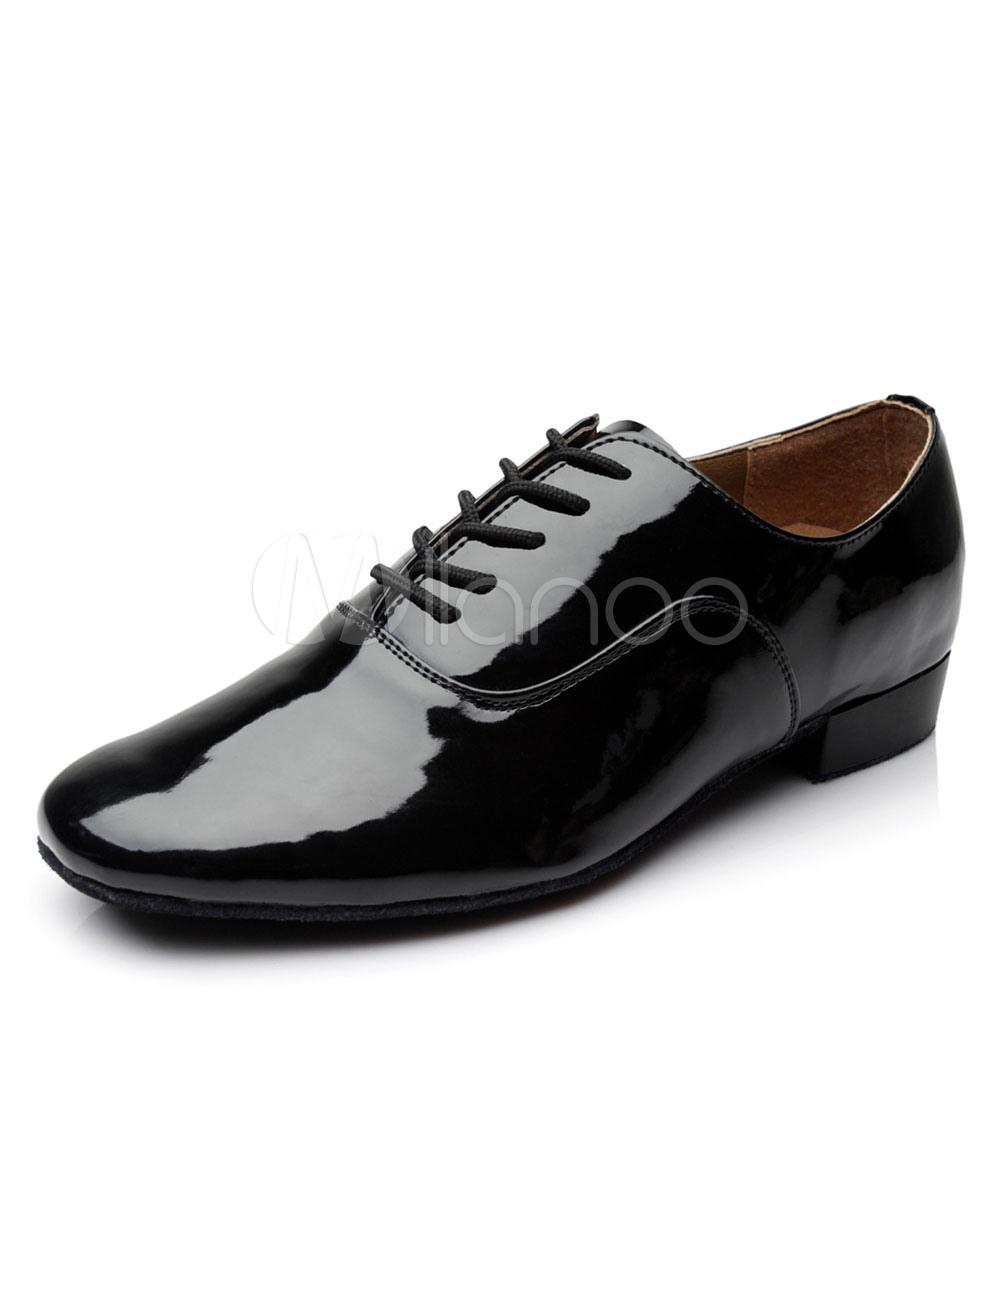 Black Dance Shoes Lace Up Patent PU Flats for Men